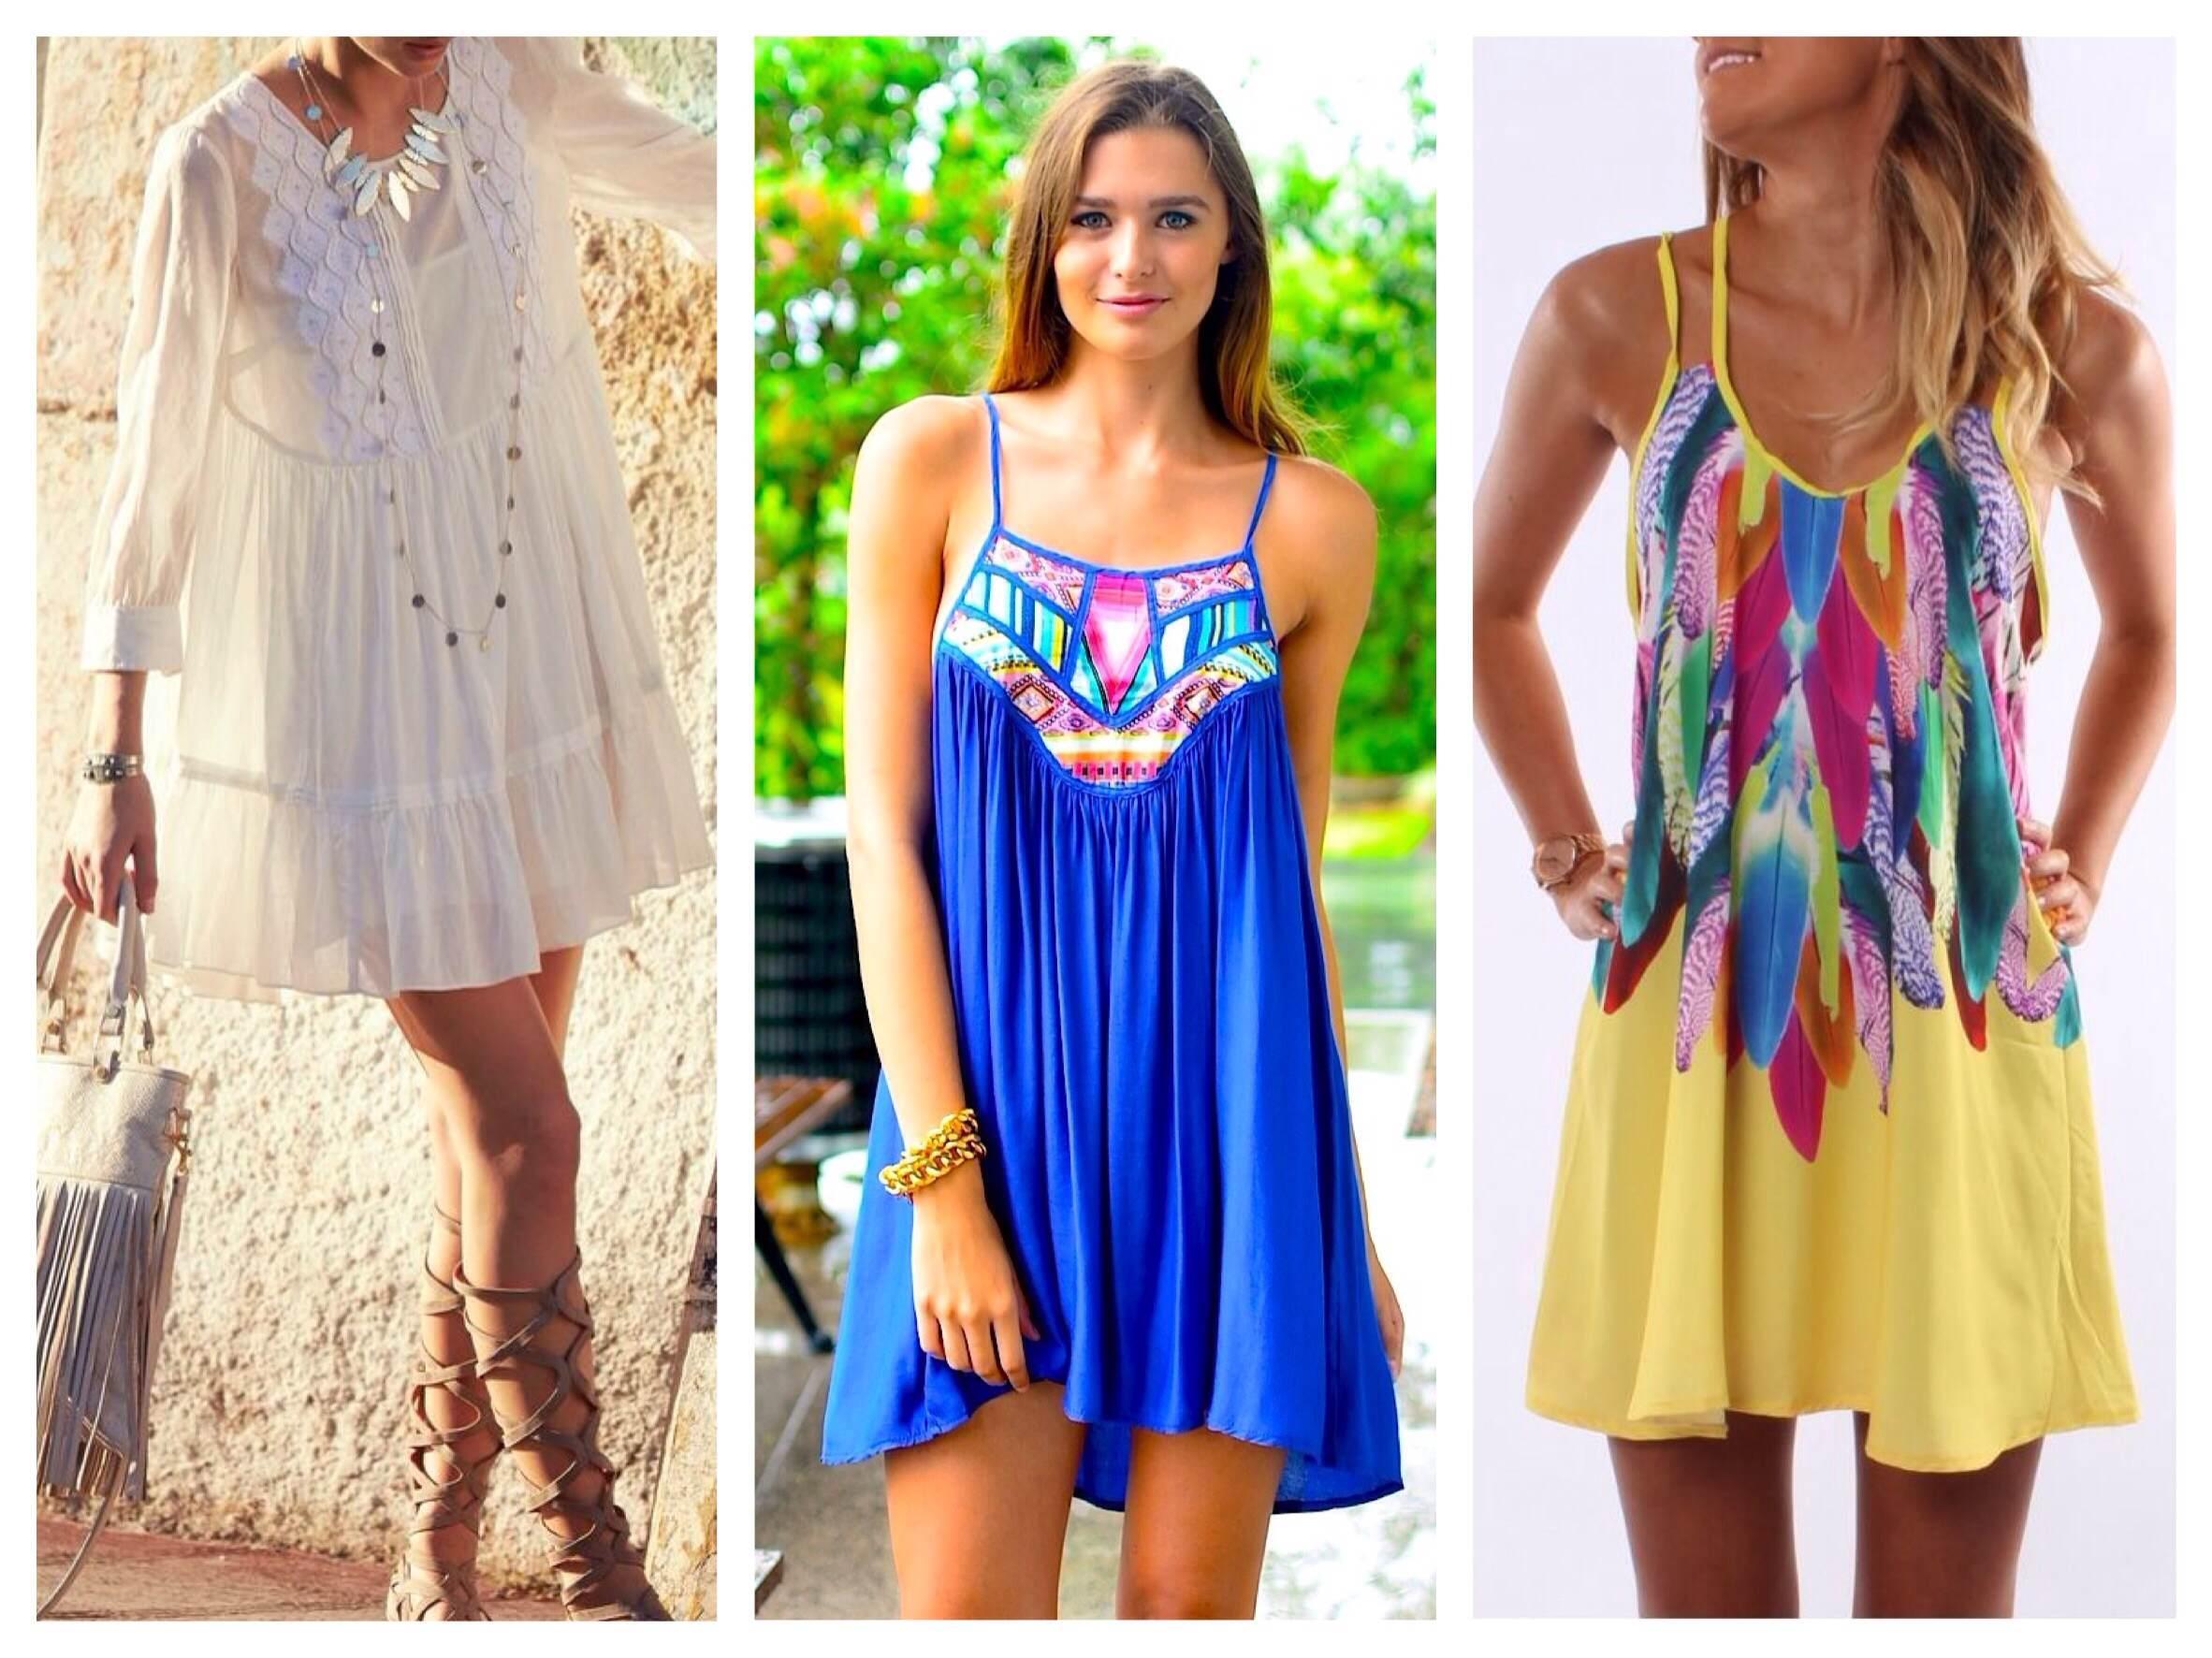 Модная одежда на море